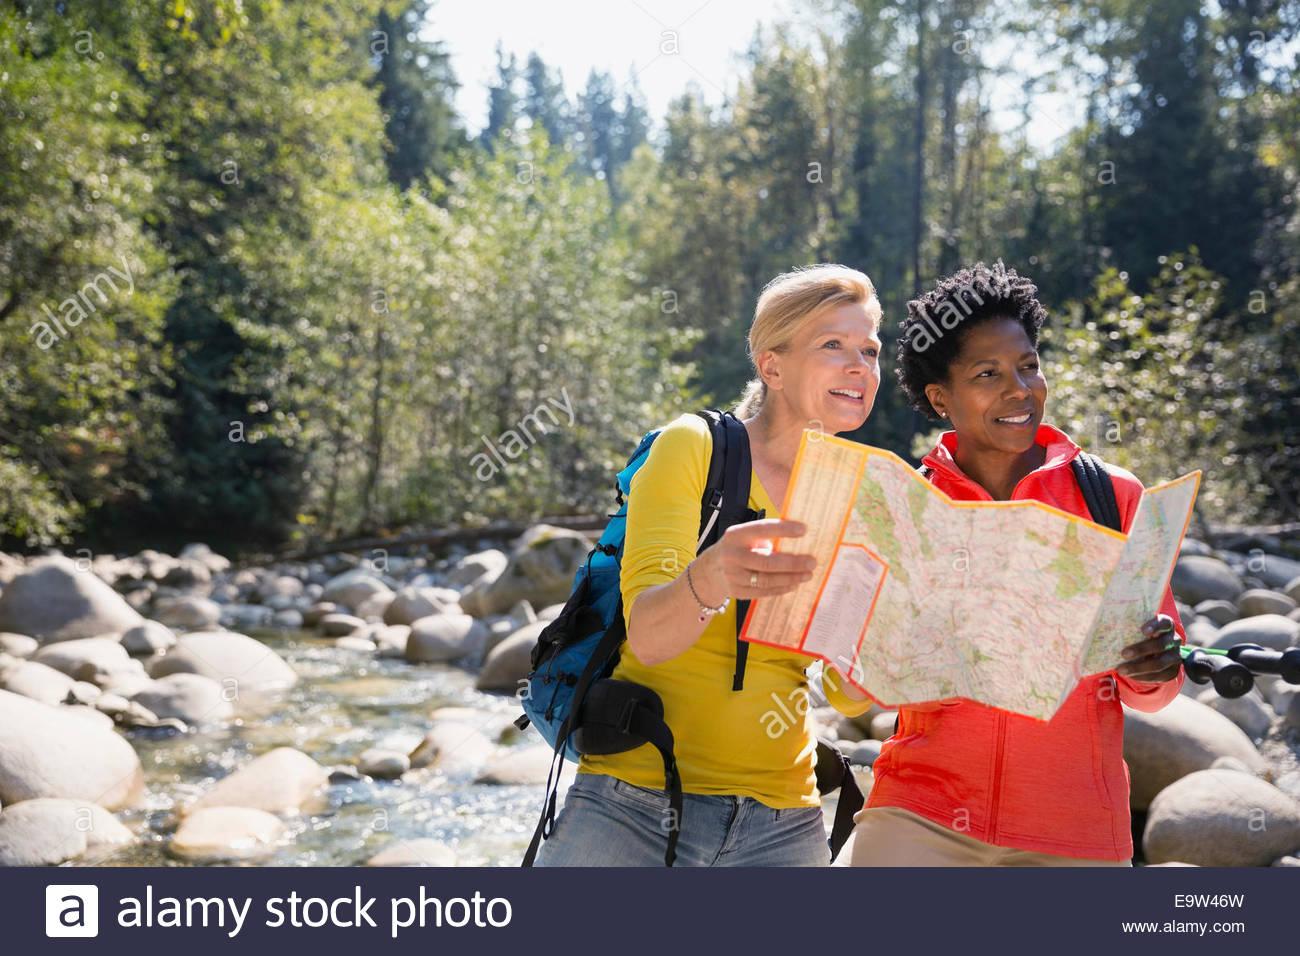 Les femmes à la carte des sentiers de la région de sunny woods Photo Stock